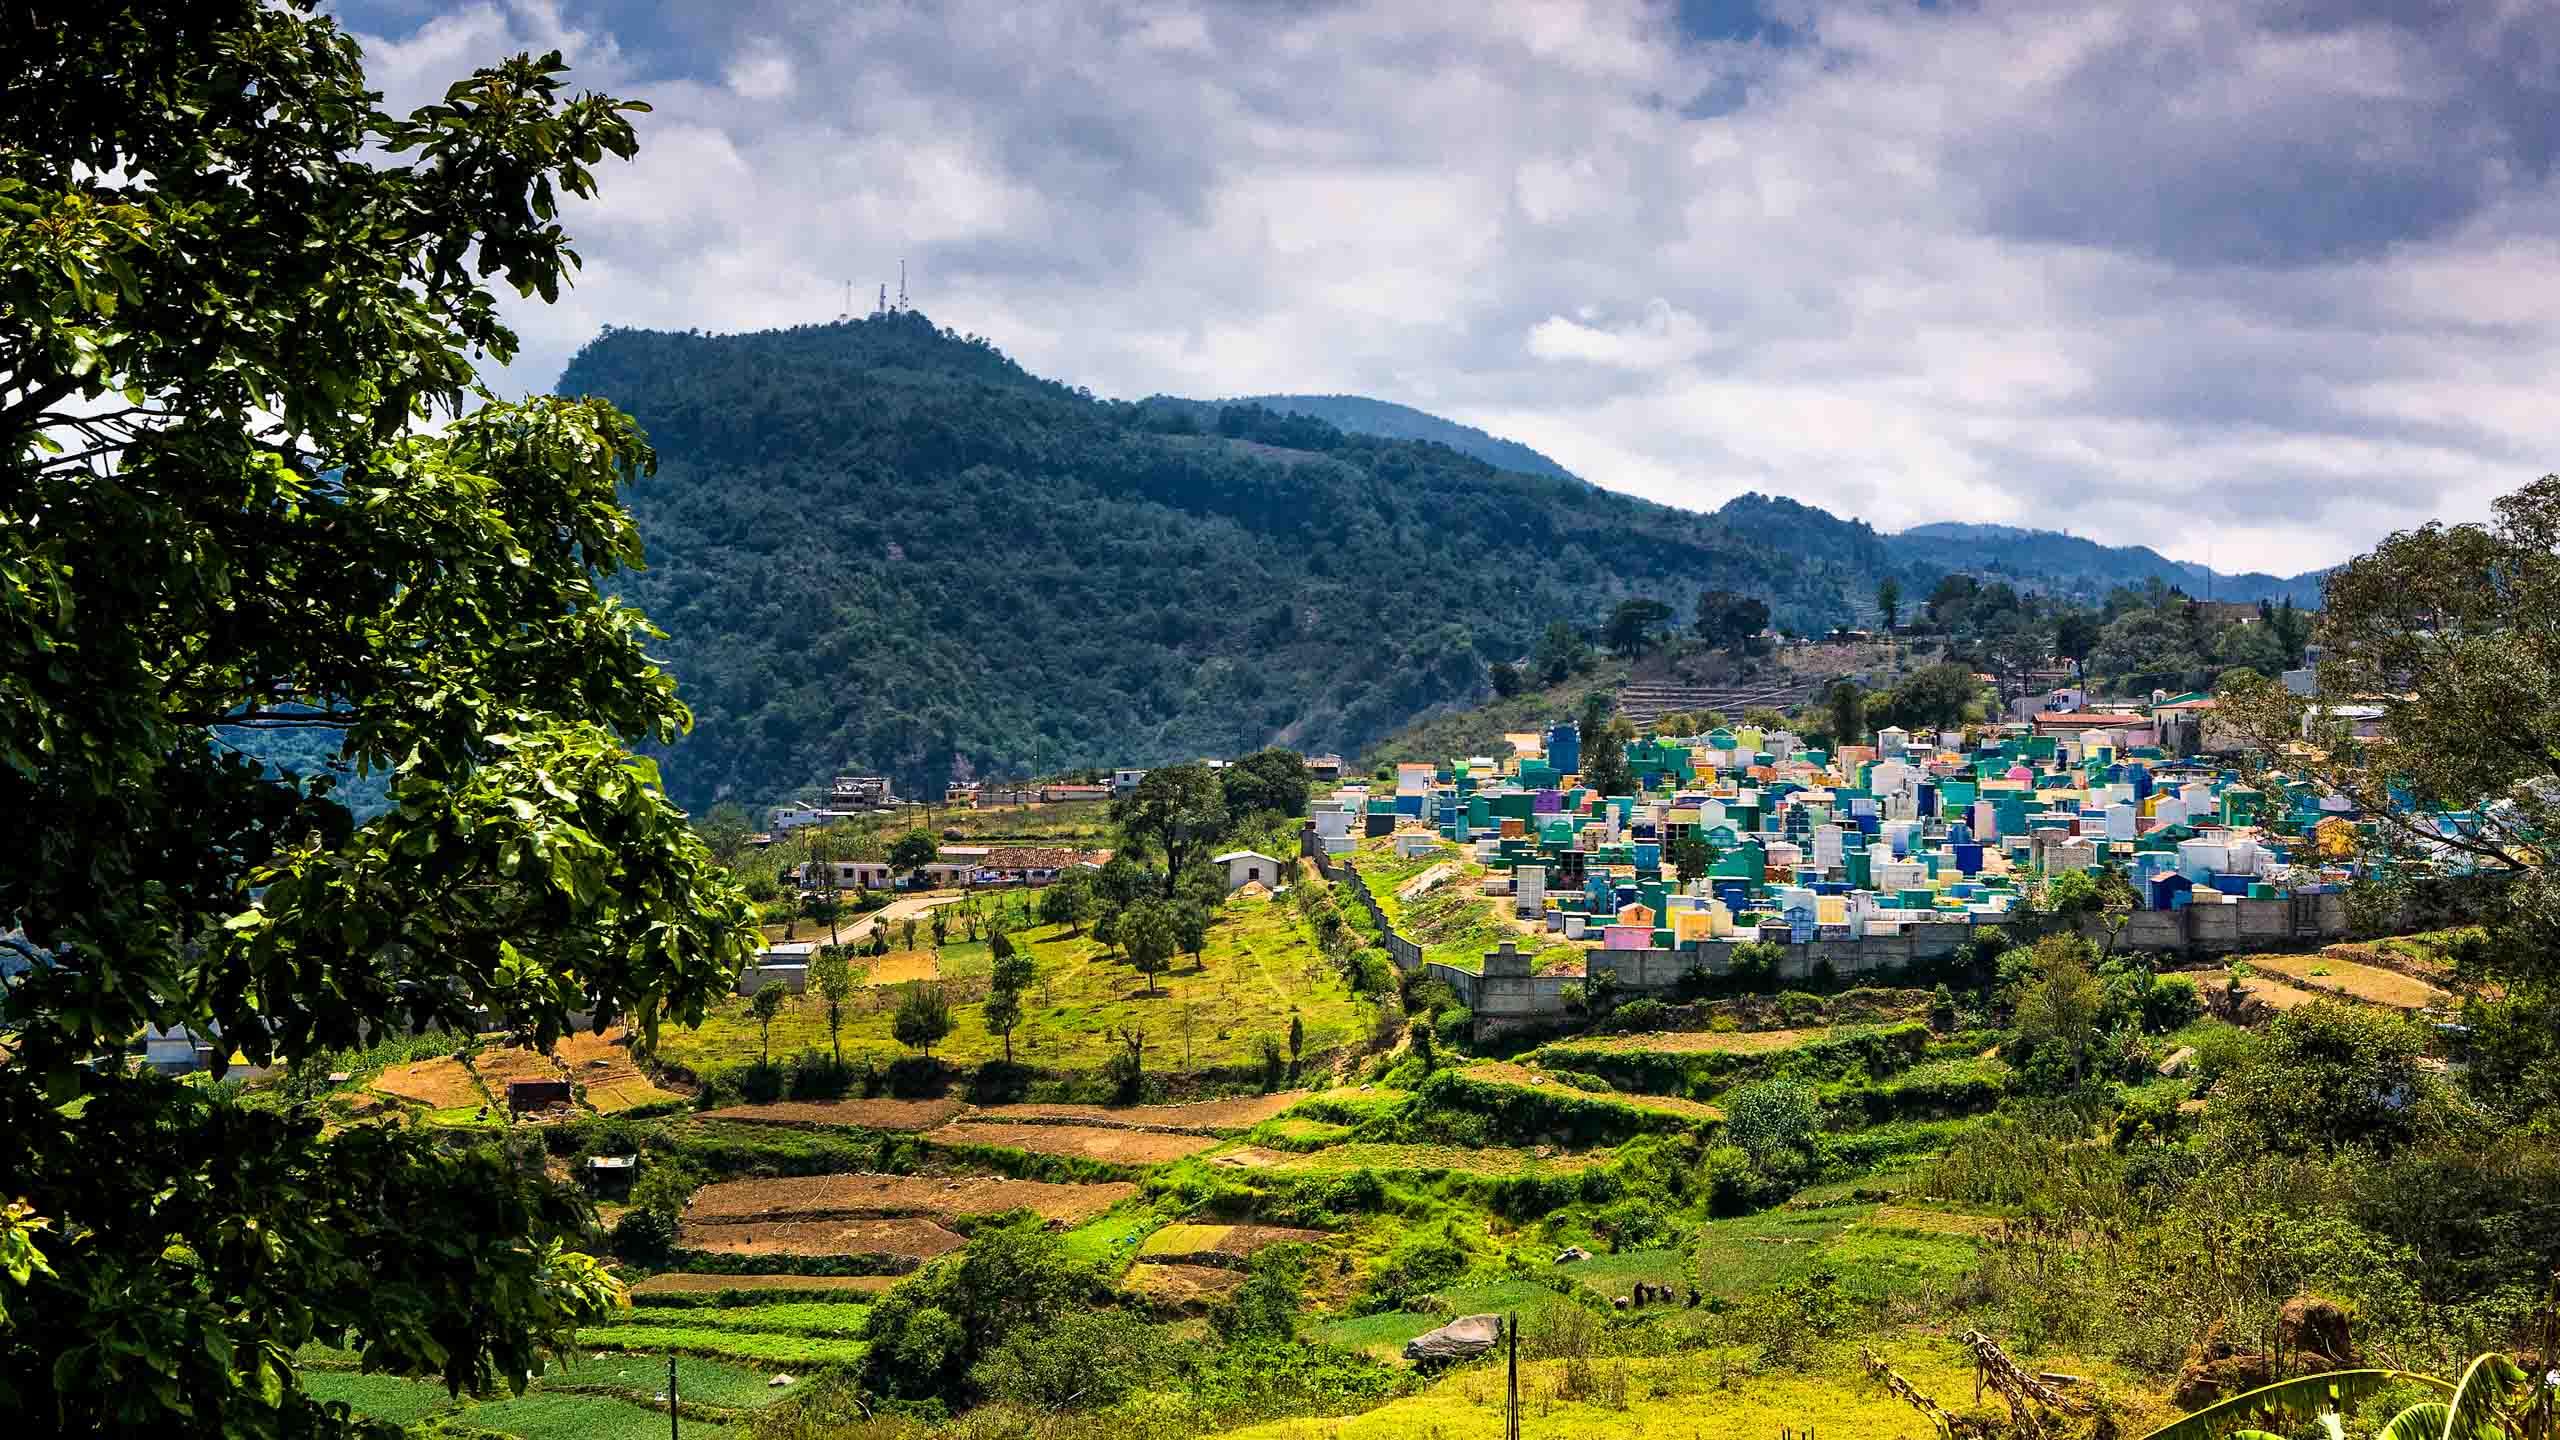 Hillside village in Guatemala